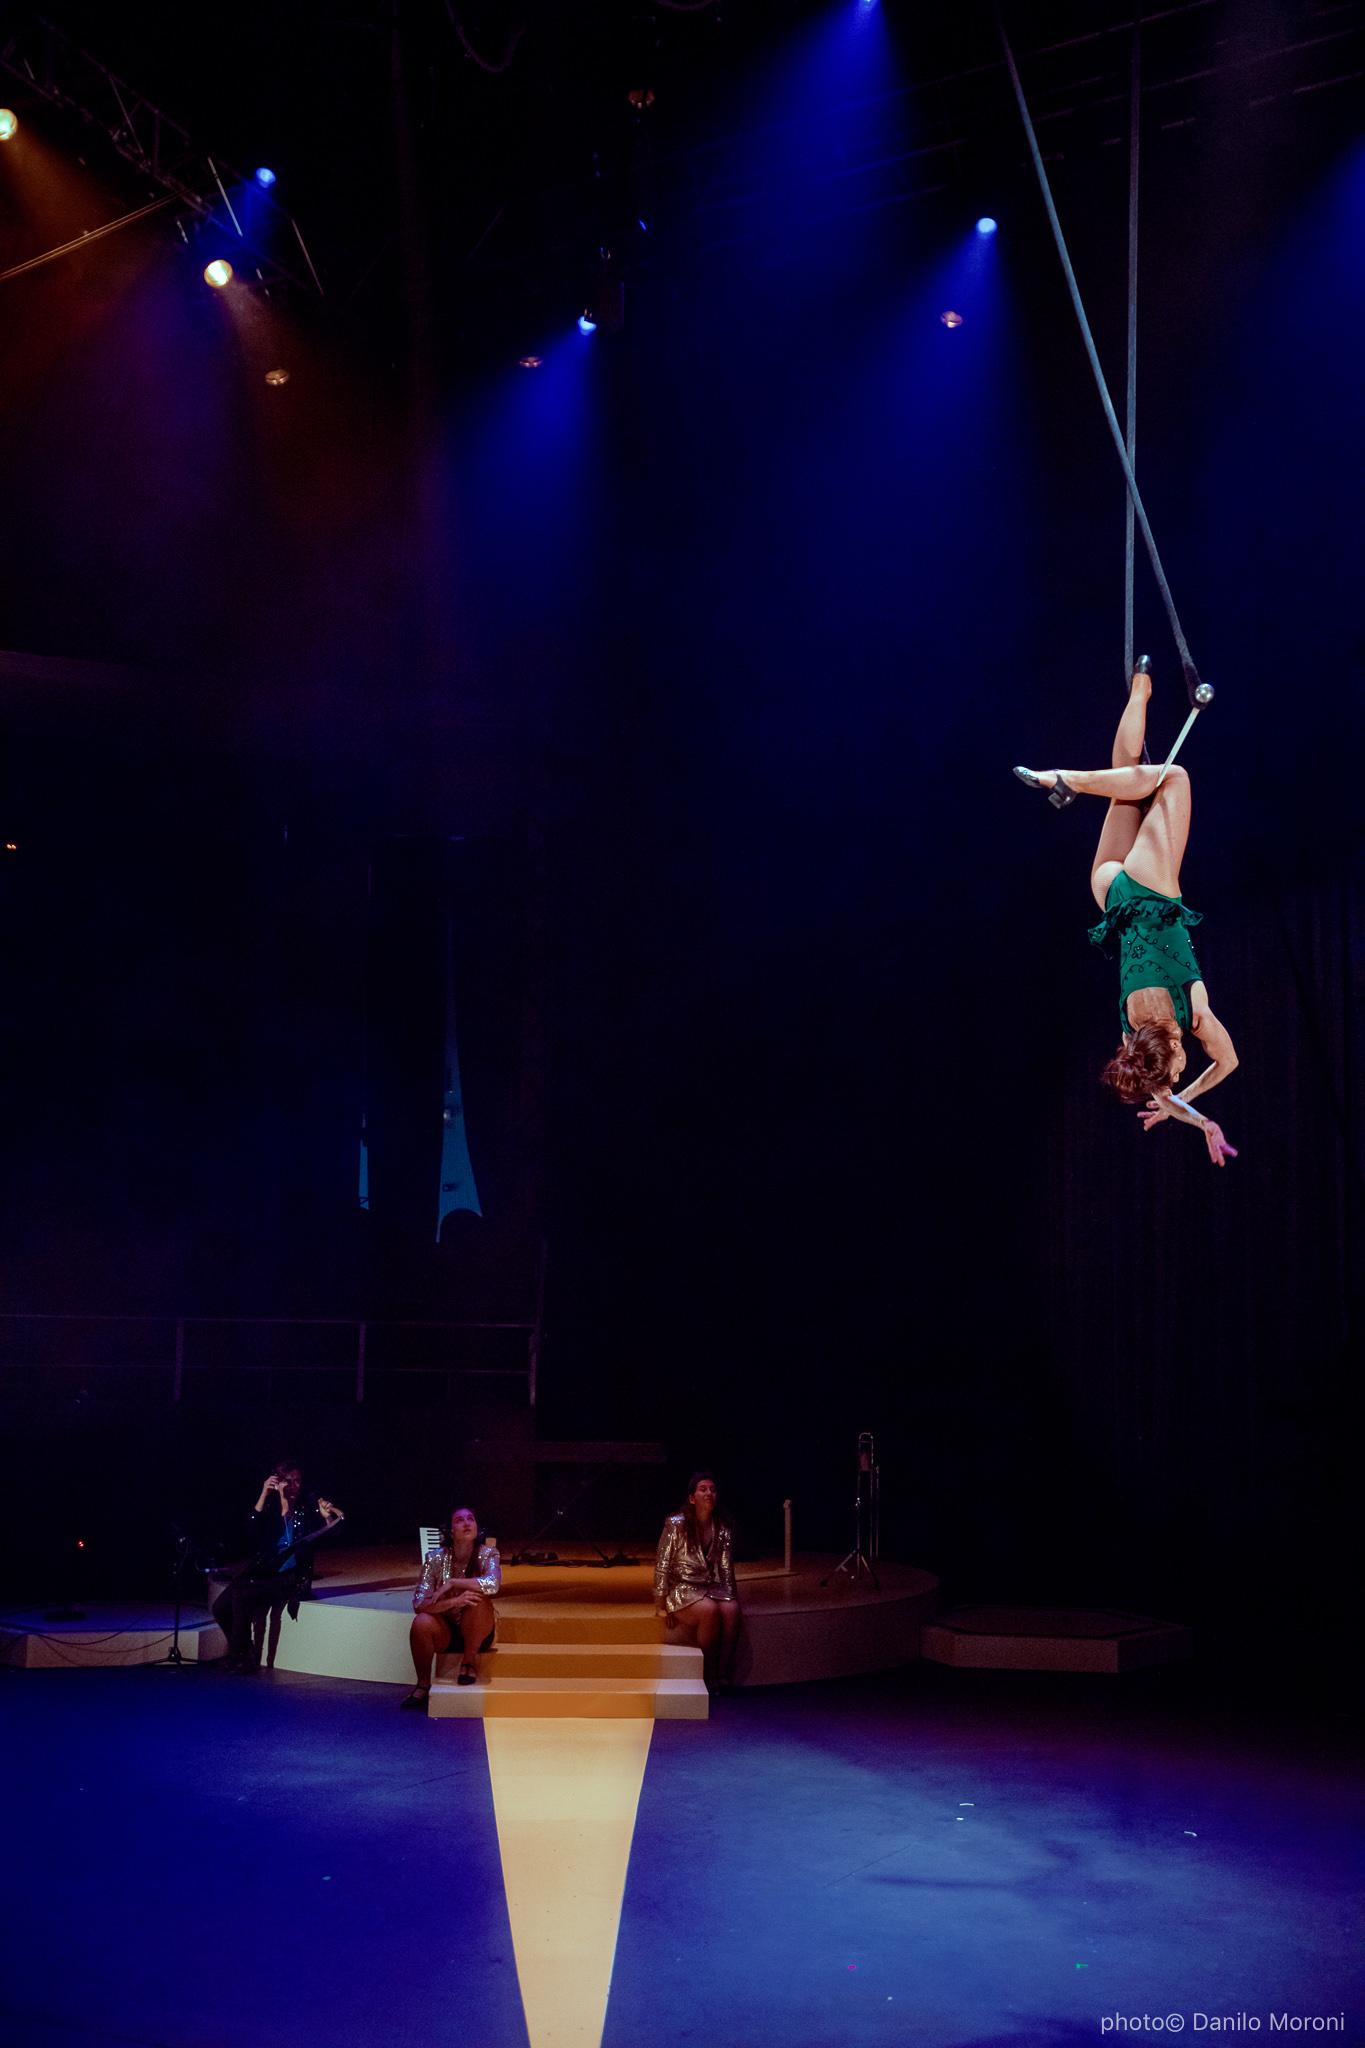 Teatro-en-vilo-Circo-Price-Miss-Mara-photo-Danilo-Moroni-547.jpg